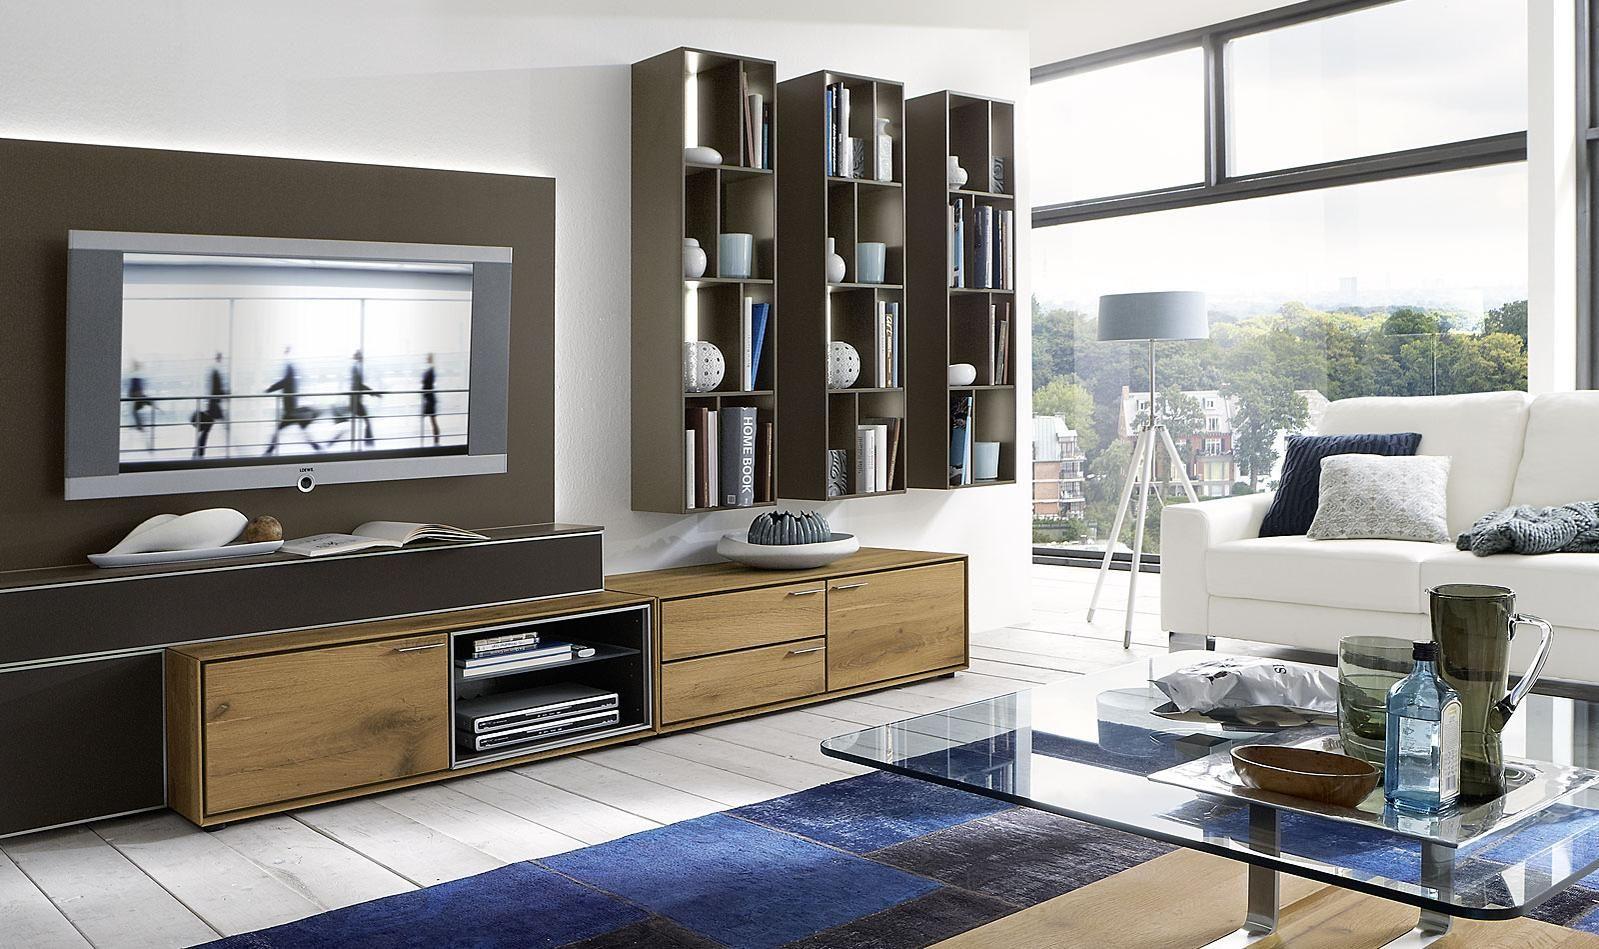 naturholzmobel wohnzimmer : Naturholzmobel Wohnzimmer Nvmart Com